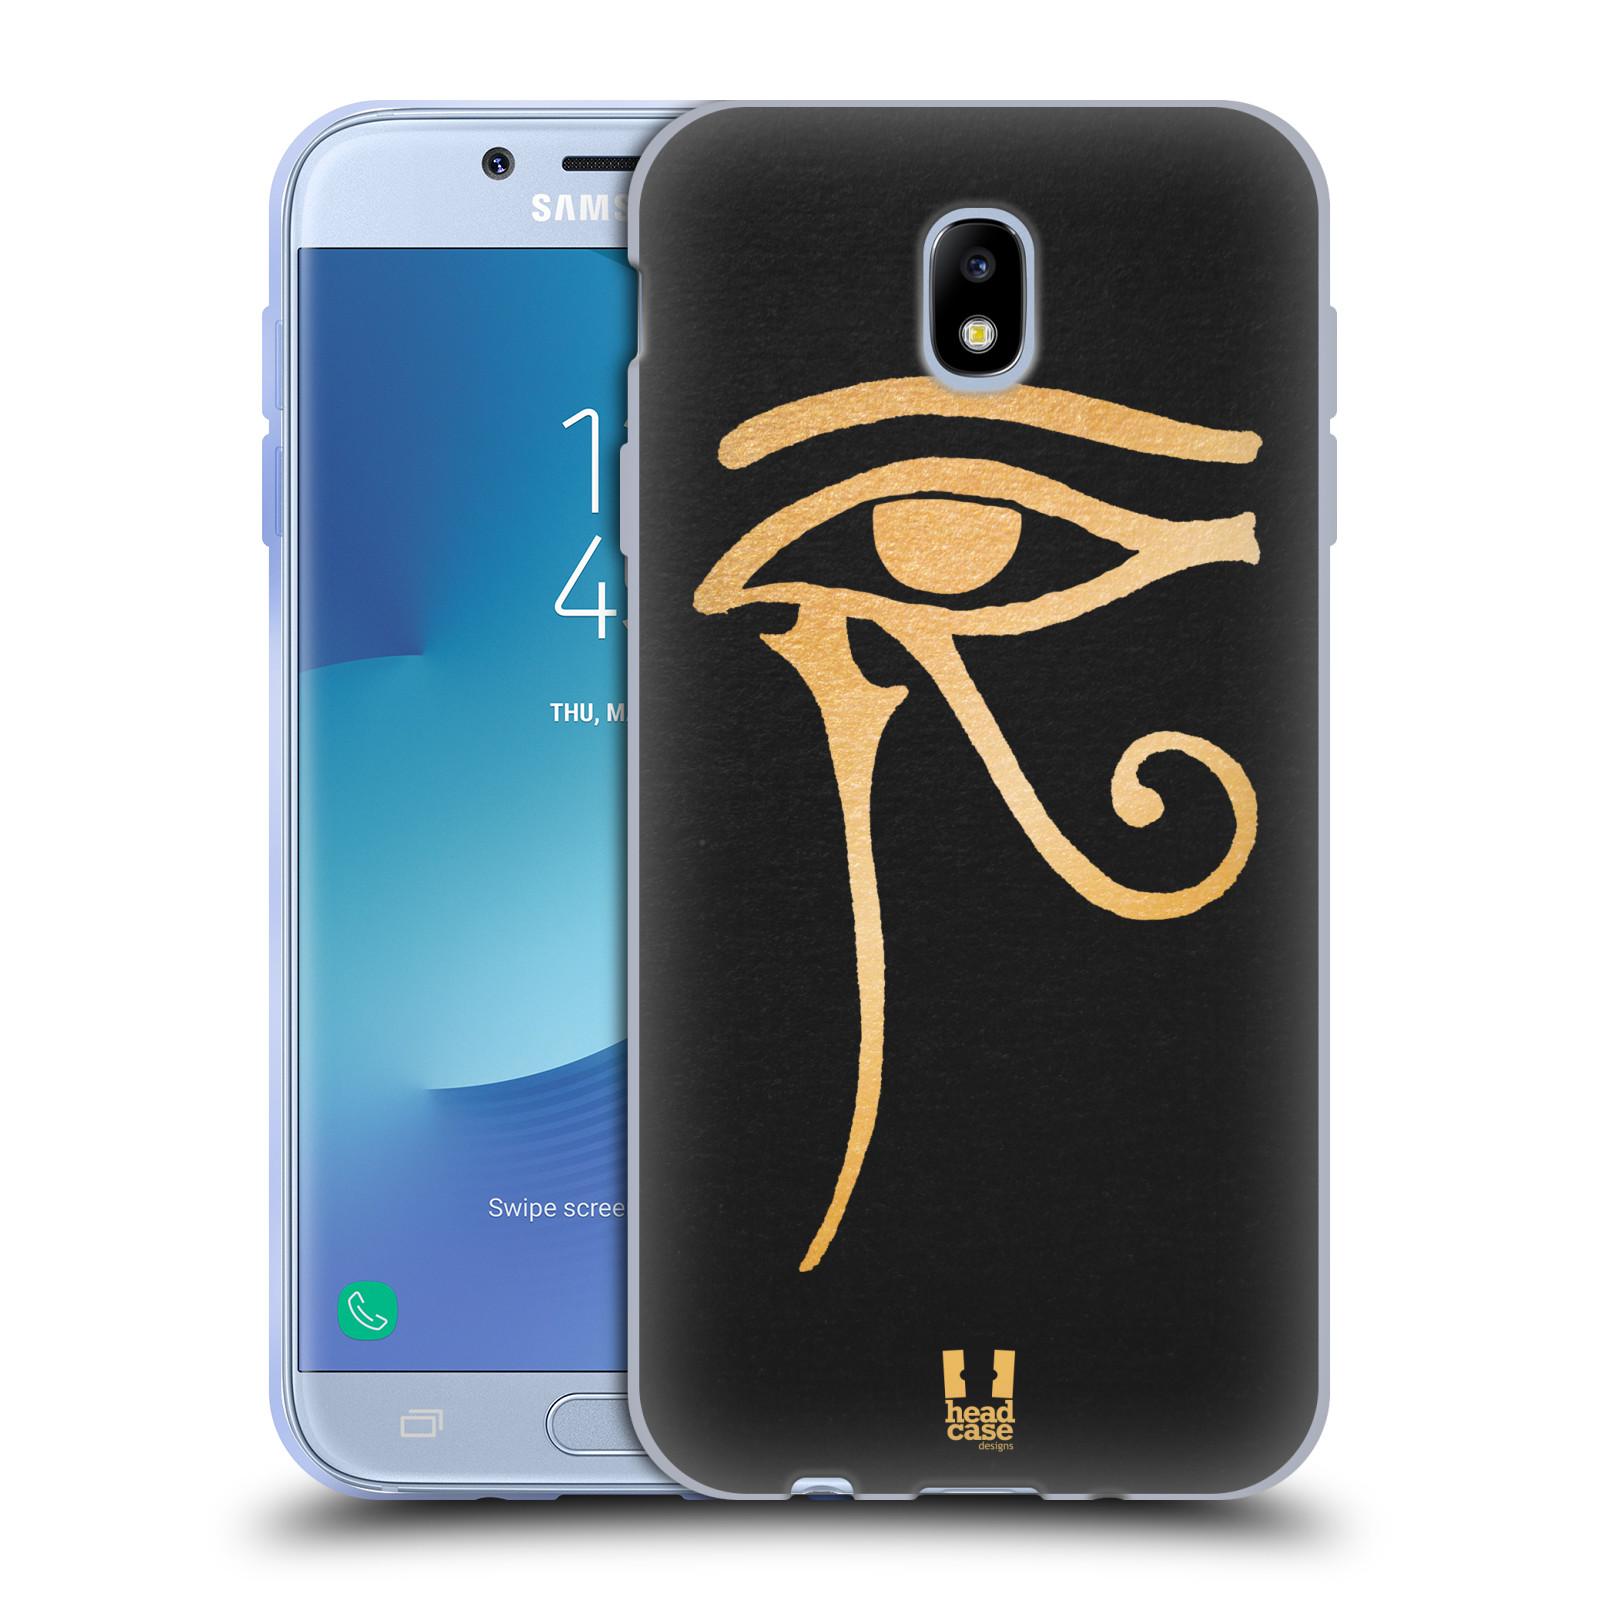 Silikonové pouzdro na mobil Samsung Galaxy J7 (2017) - Head Case - EGYPT OKO BOHA RA